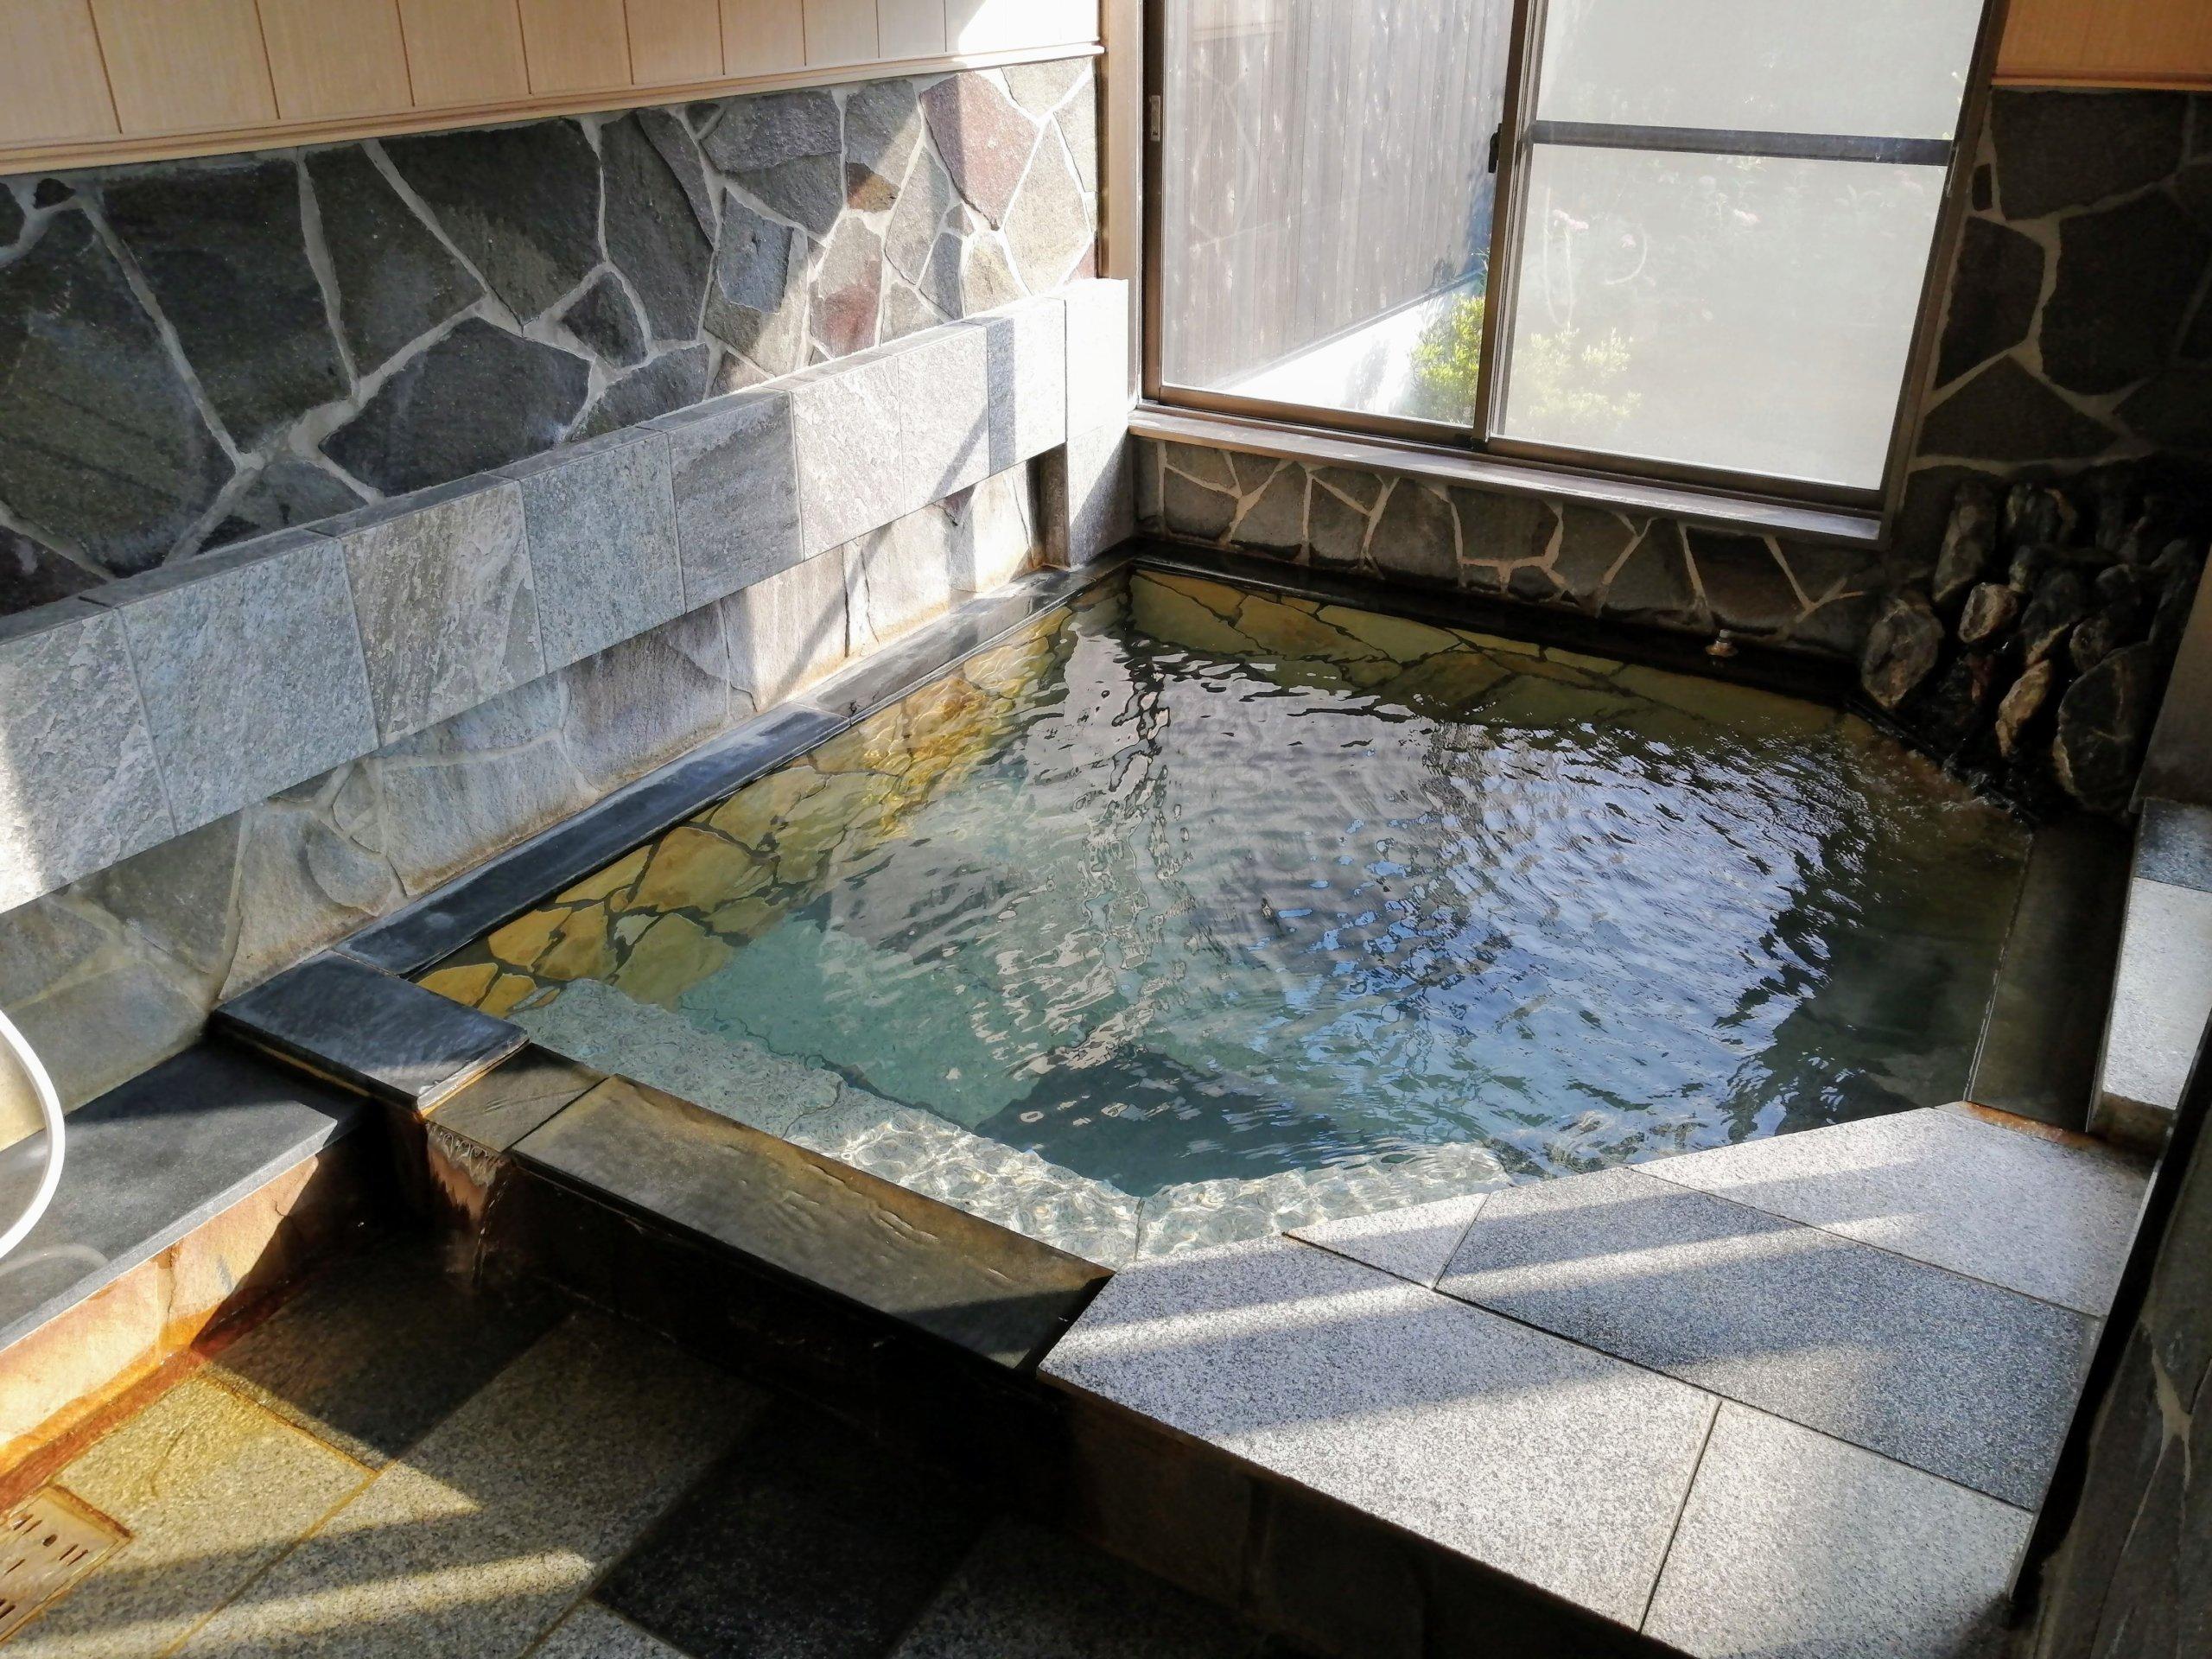 温泉 風呂 菊池 家族 湯るっと邸 桜坂